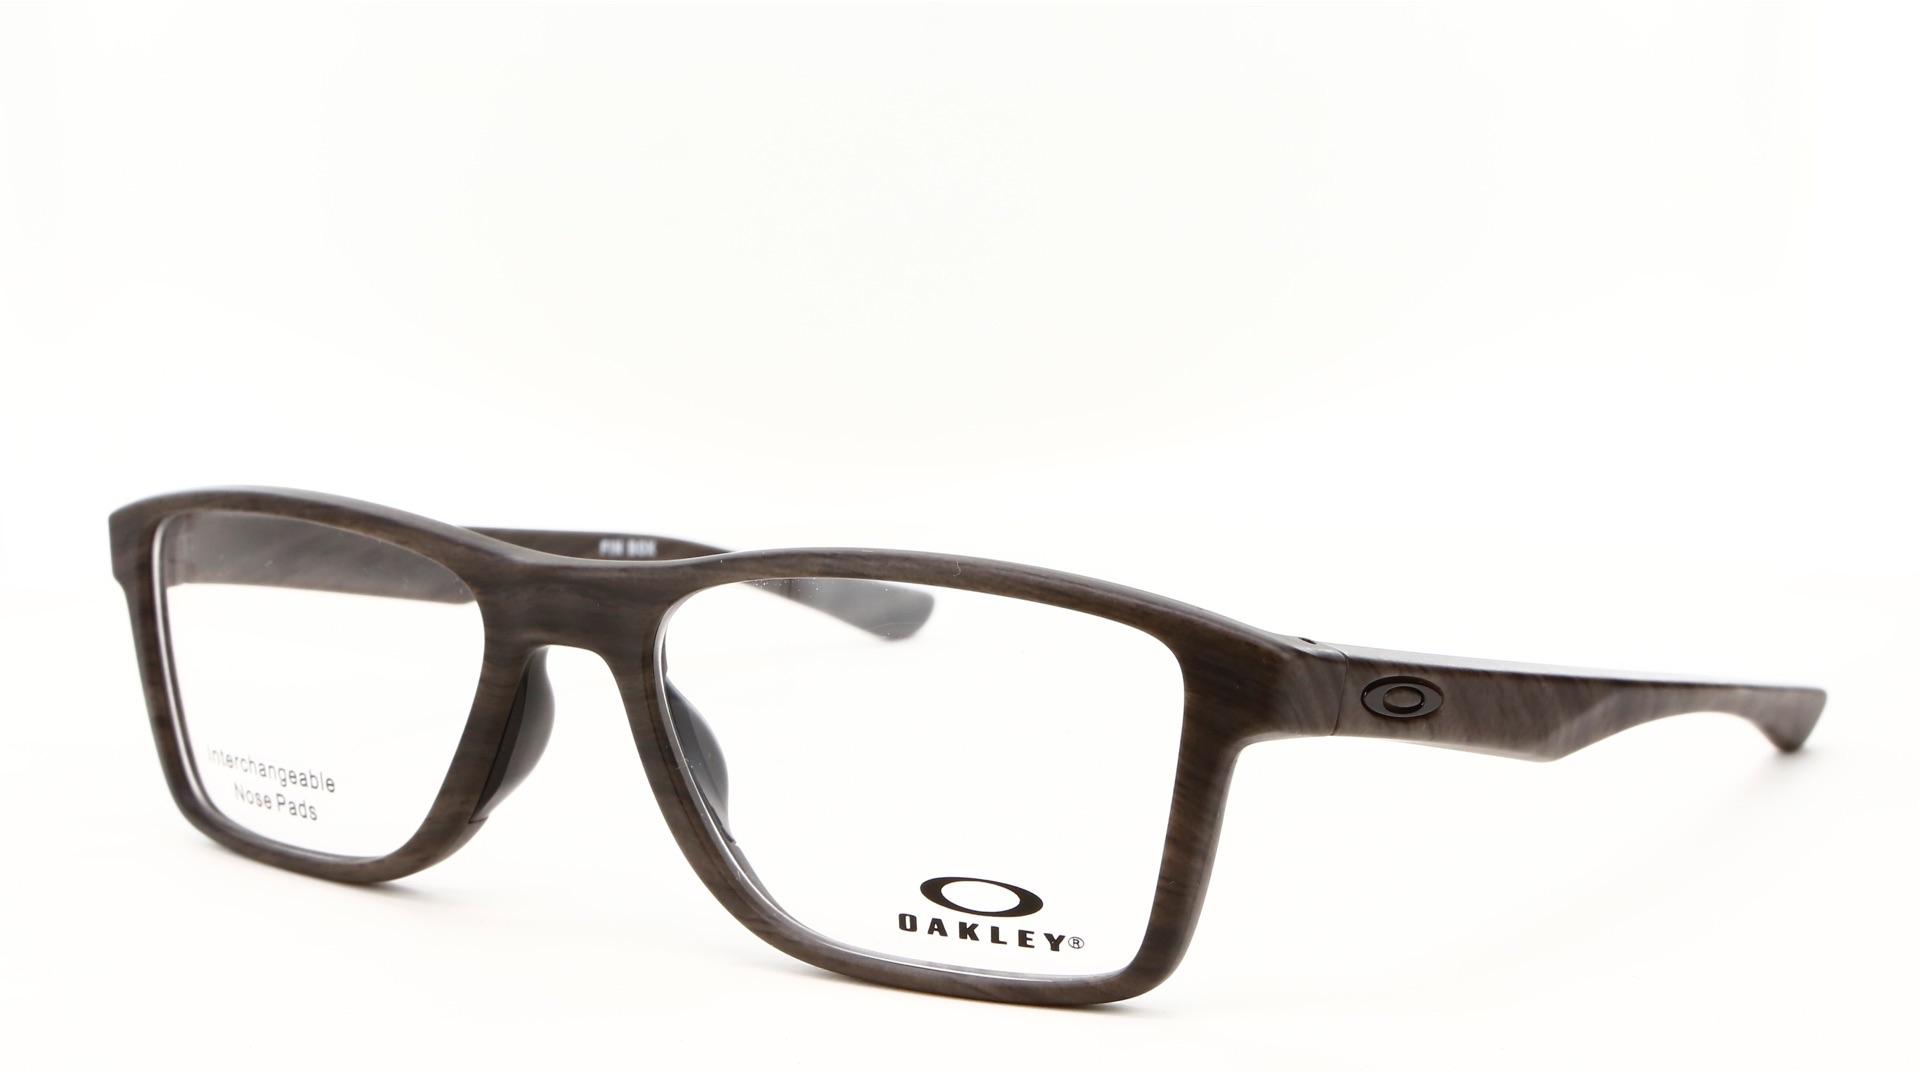 Oakley - ref: 77887